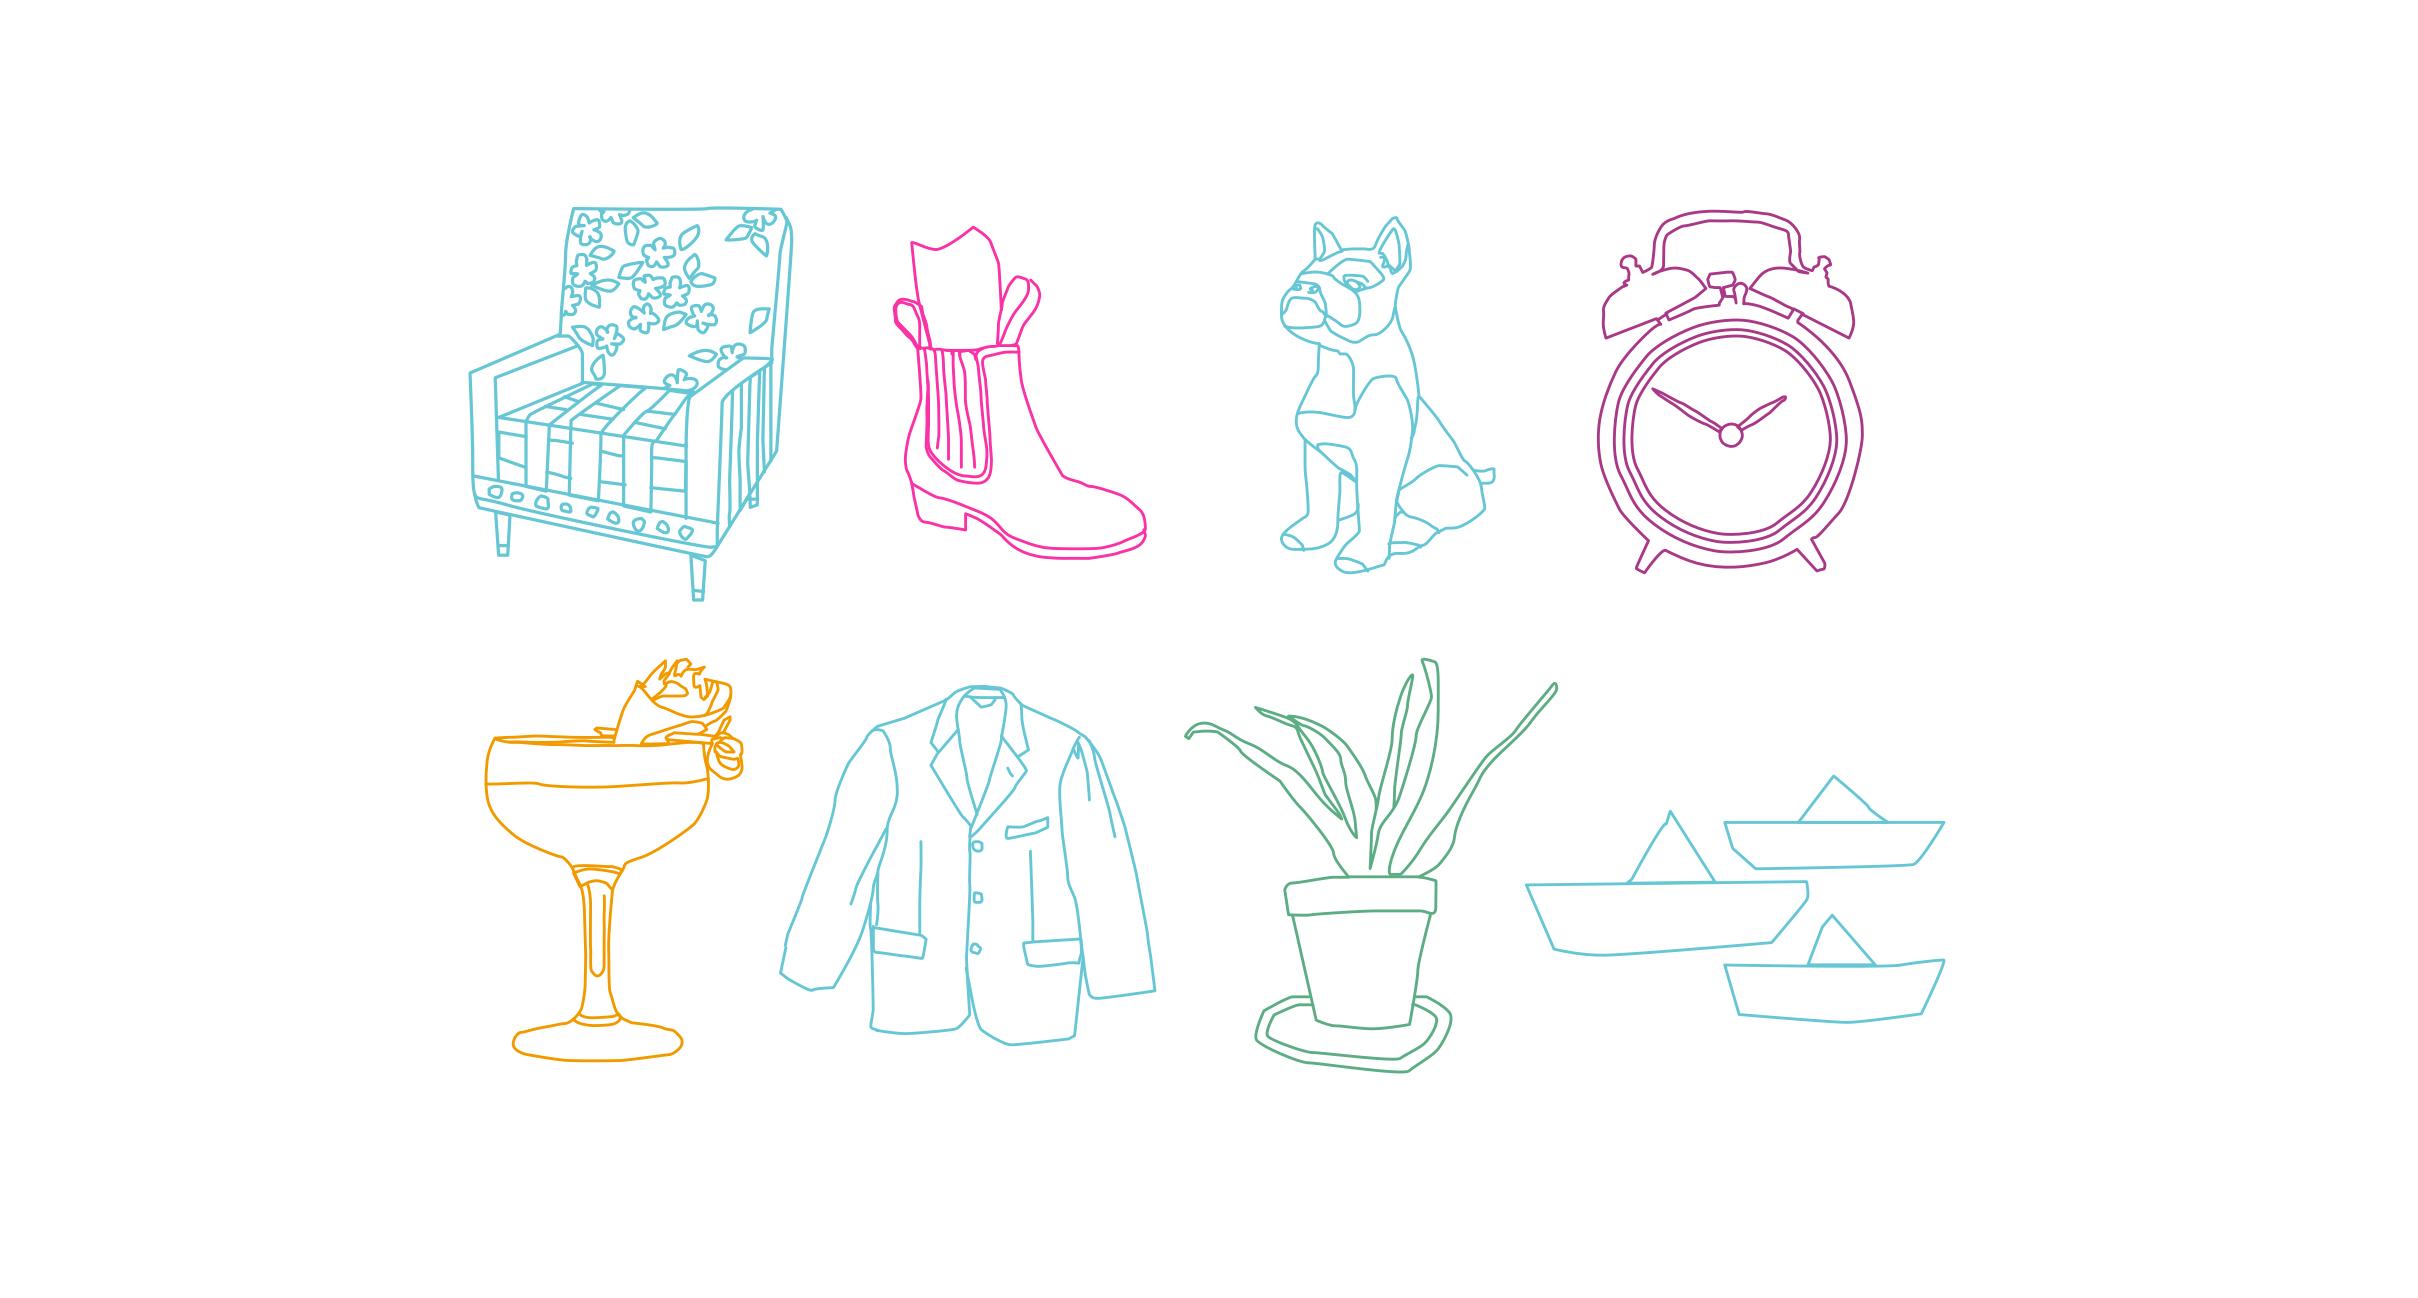 lolo-illustrations.jpg